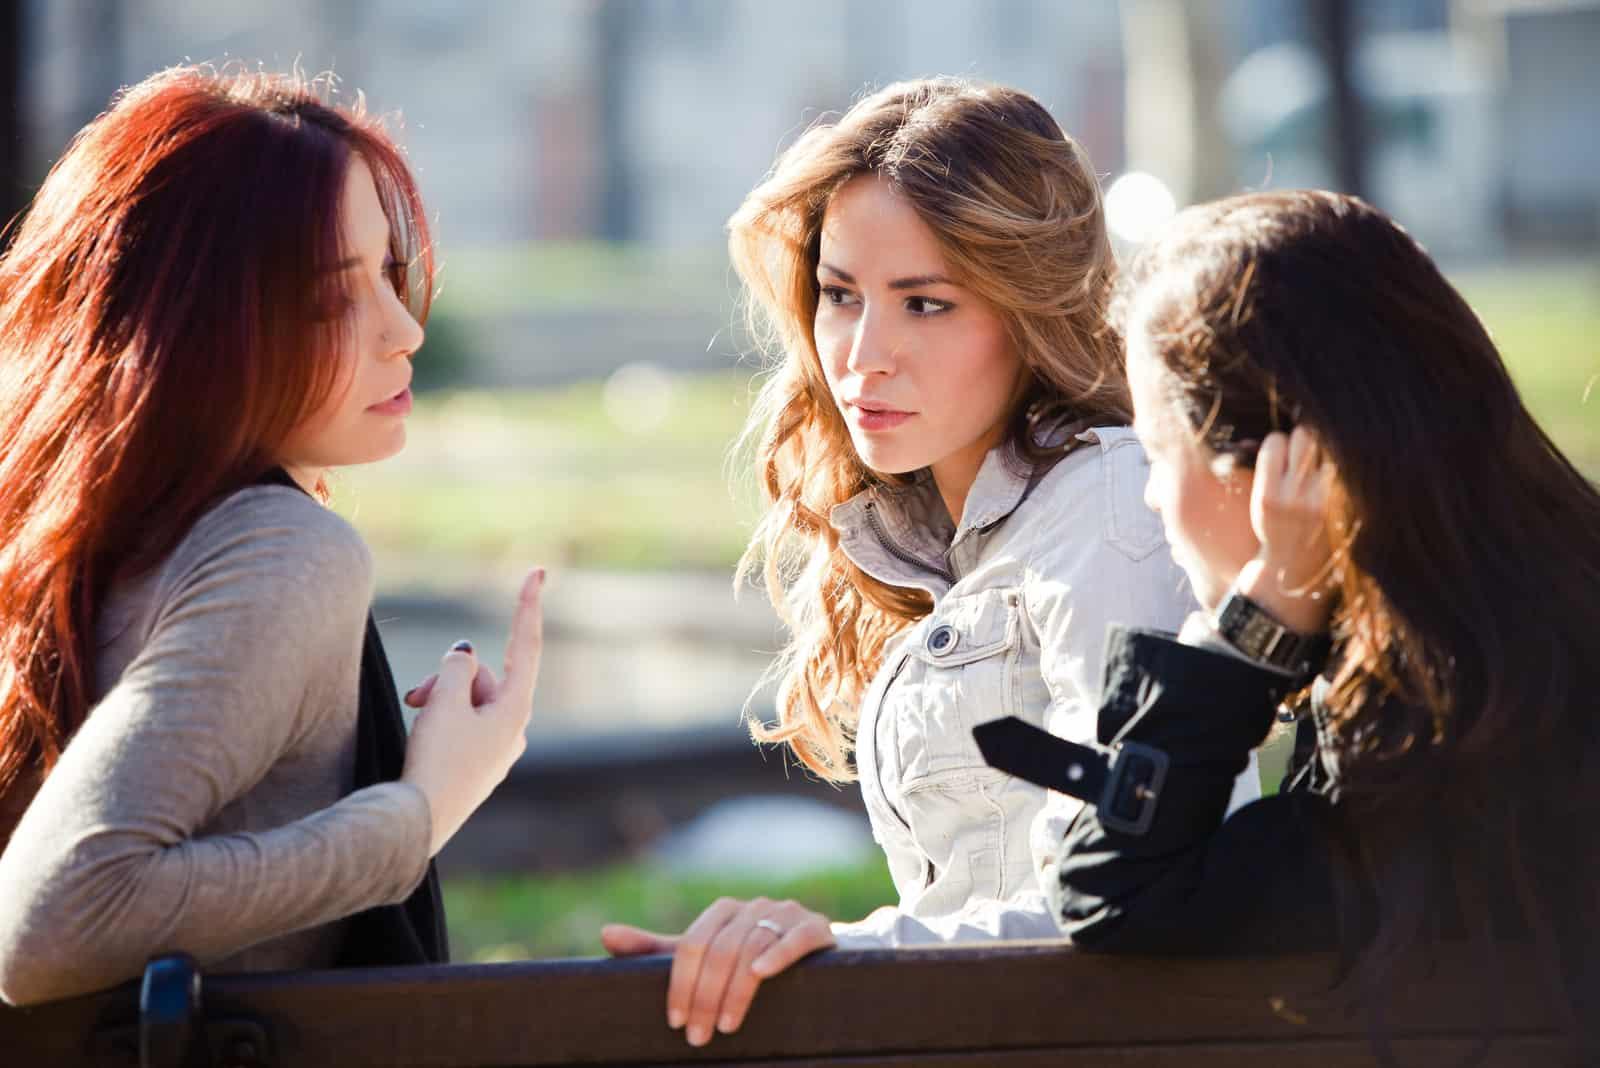 une femme parle à des amis assis sur un banc